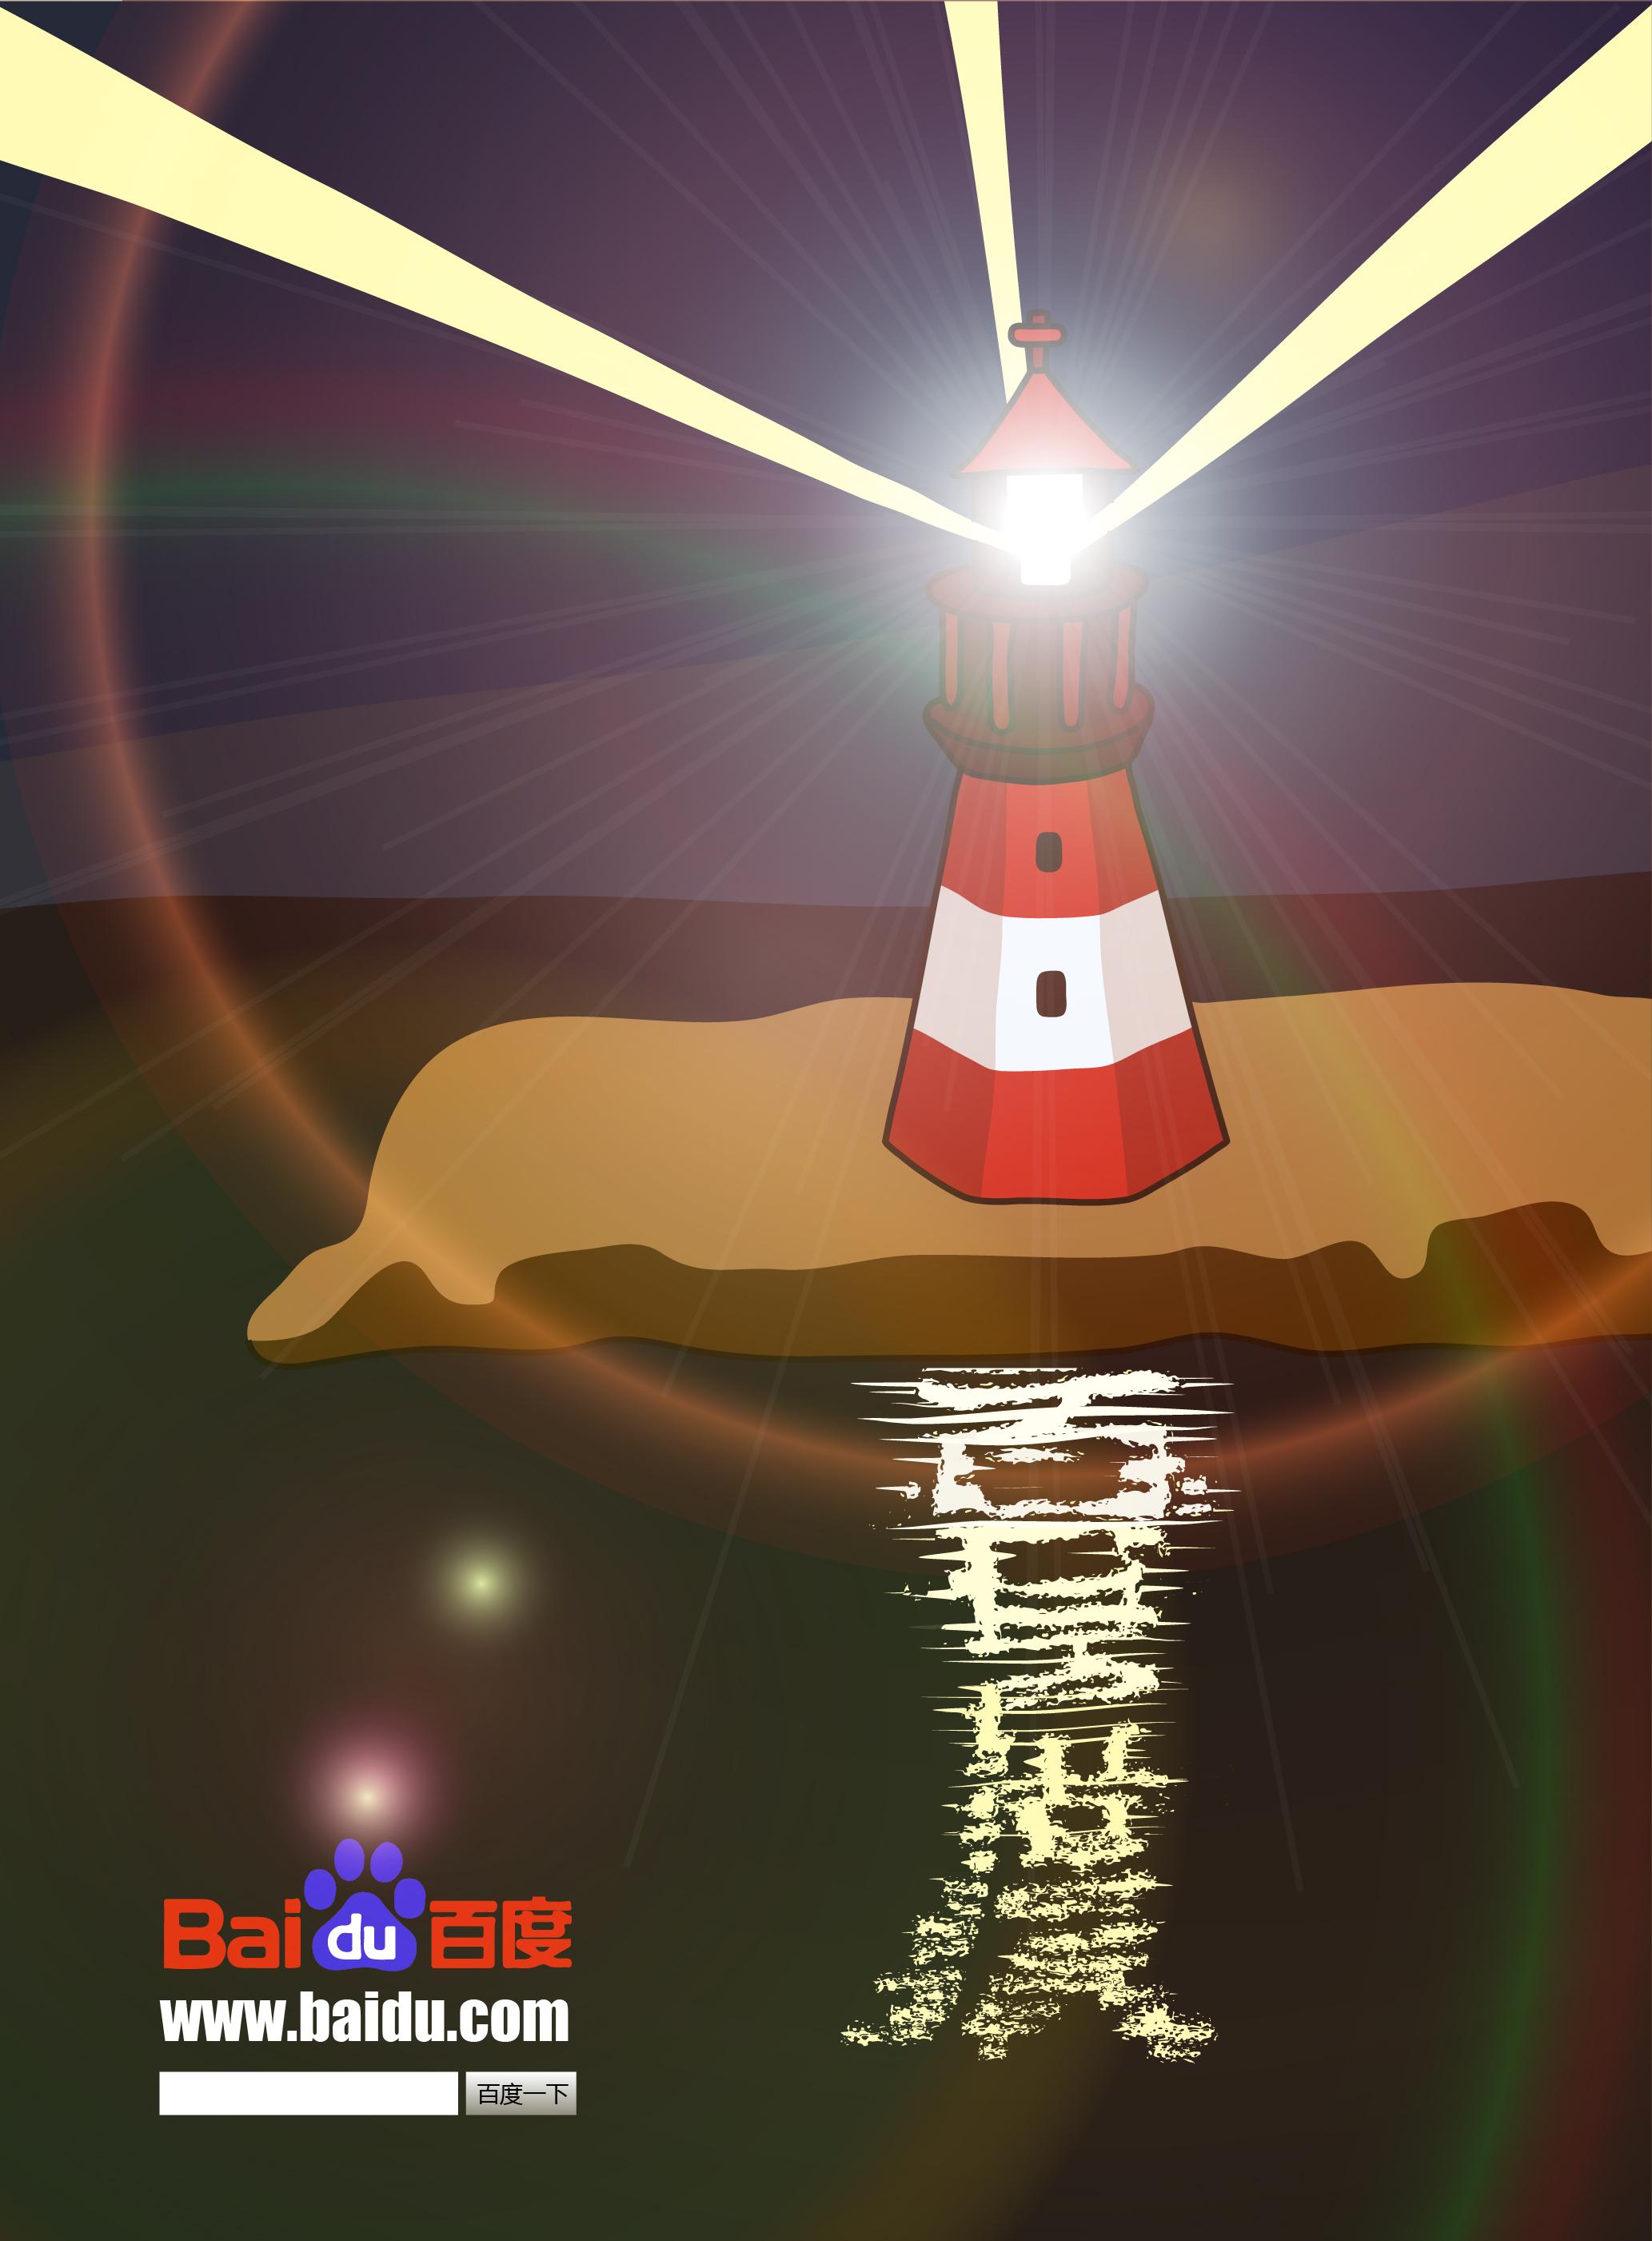 黑夜中的灯塔